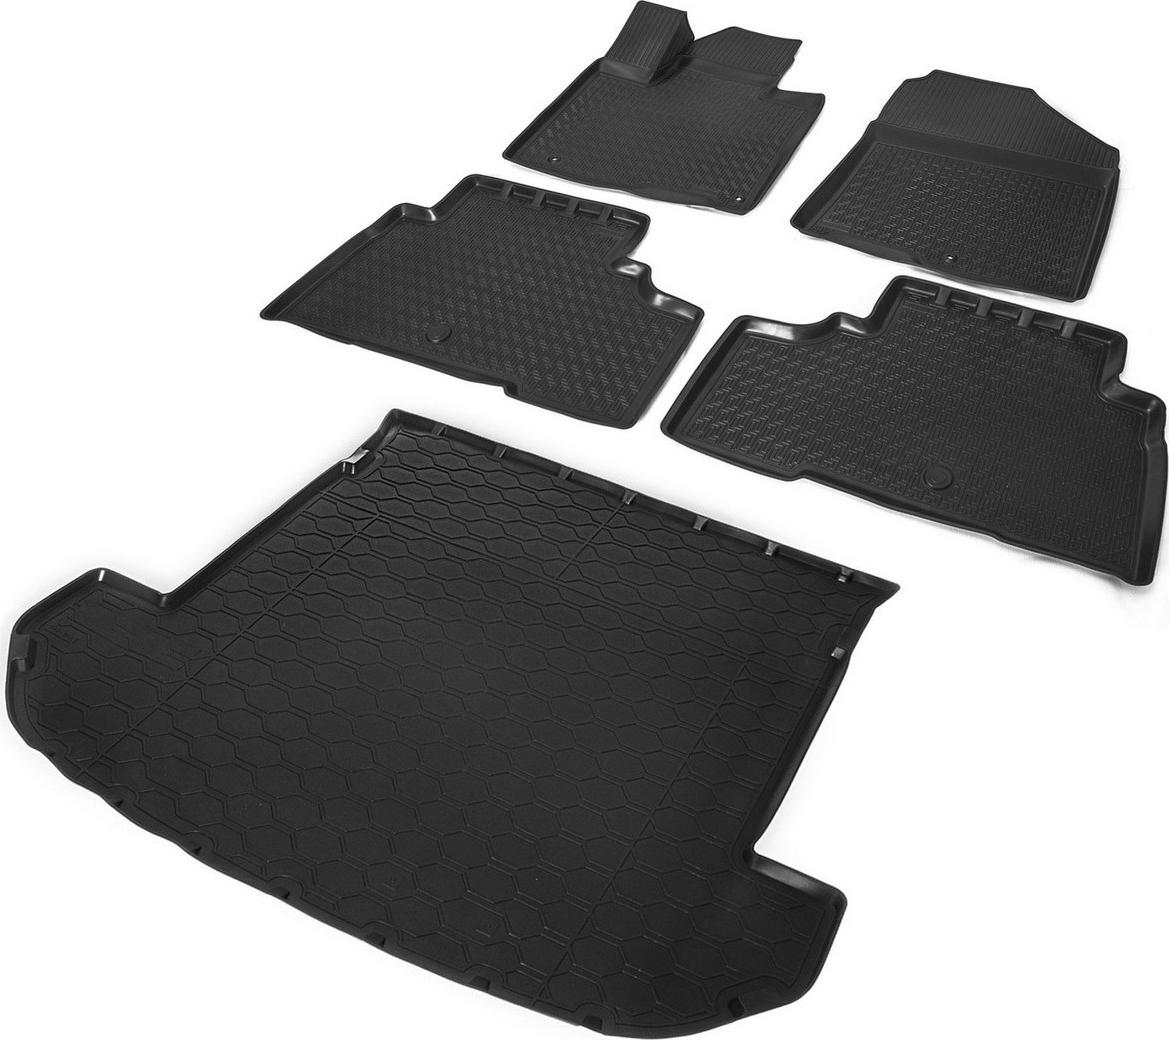 Комплект ковриков салона и багажника Rival для Kia Sorento Prime III 5-дв. (7 мест, сложенный 3 ряд) 2015-2017 2017-н.в., полиуретан, без крепежа, 5 шт. K12804002-4 коврики салона rival для toyota rav4 2013 2015 2015 н в резина 65706001